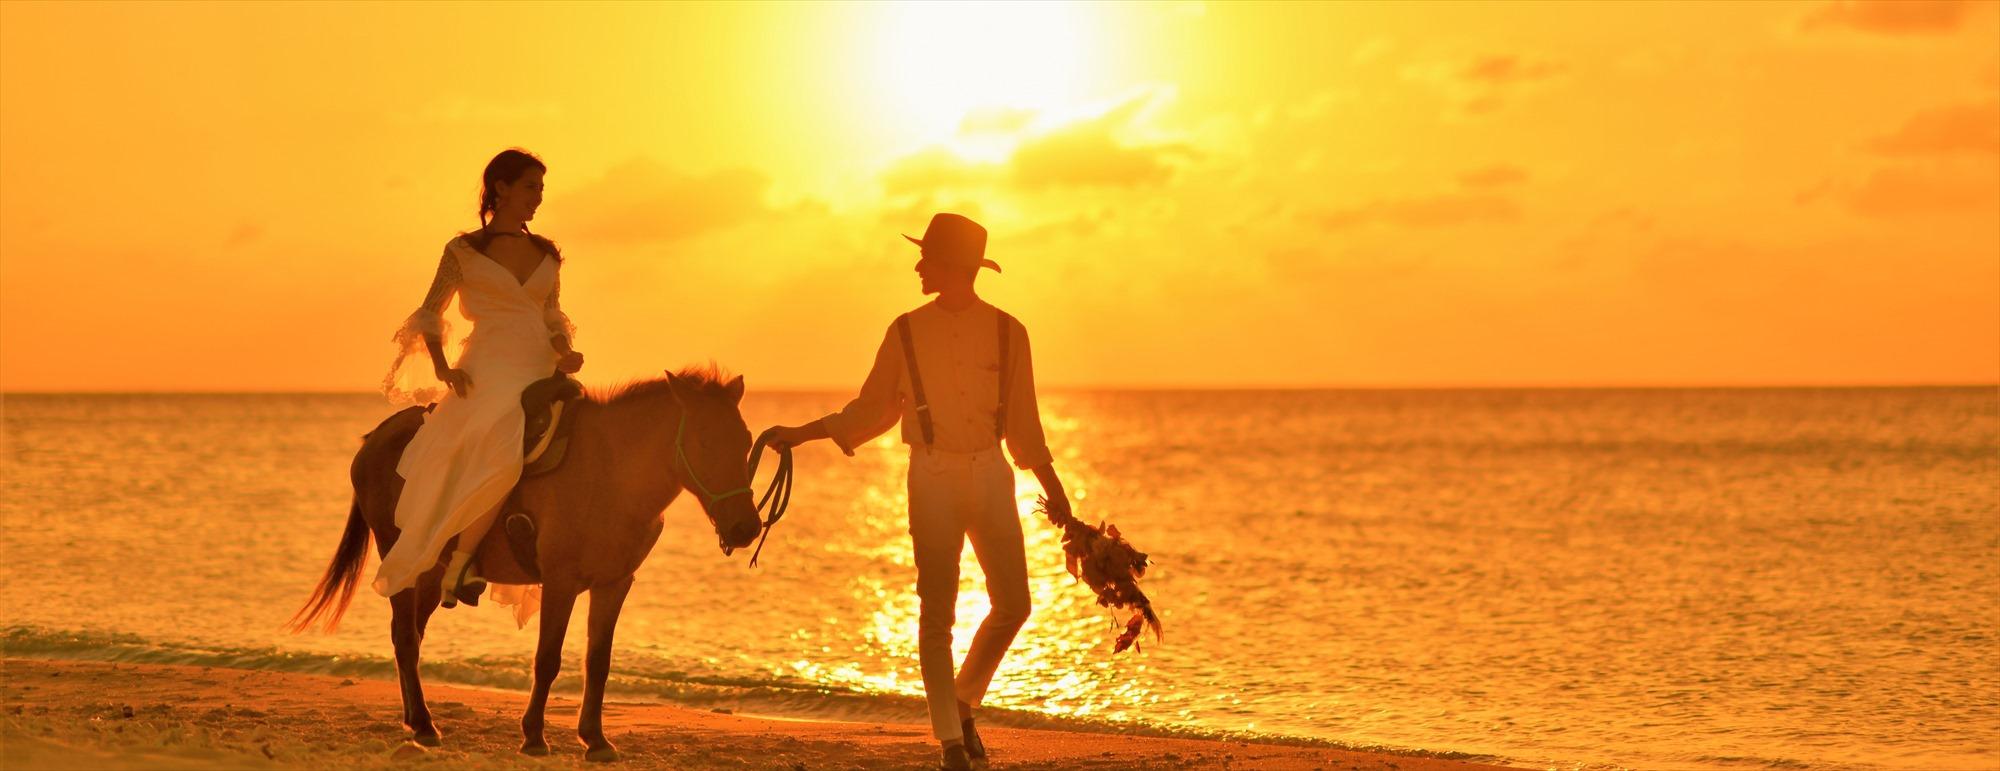 沖縄石垣島フォト・ウェディング Ishigaki Island Okinawa Sunset Beach Photo Wedding サンセット・ビーチ 挙式後撮影